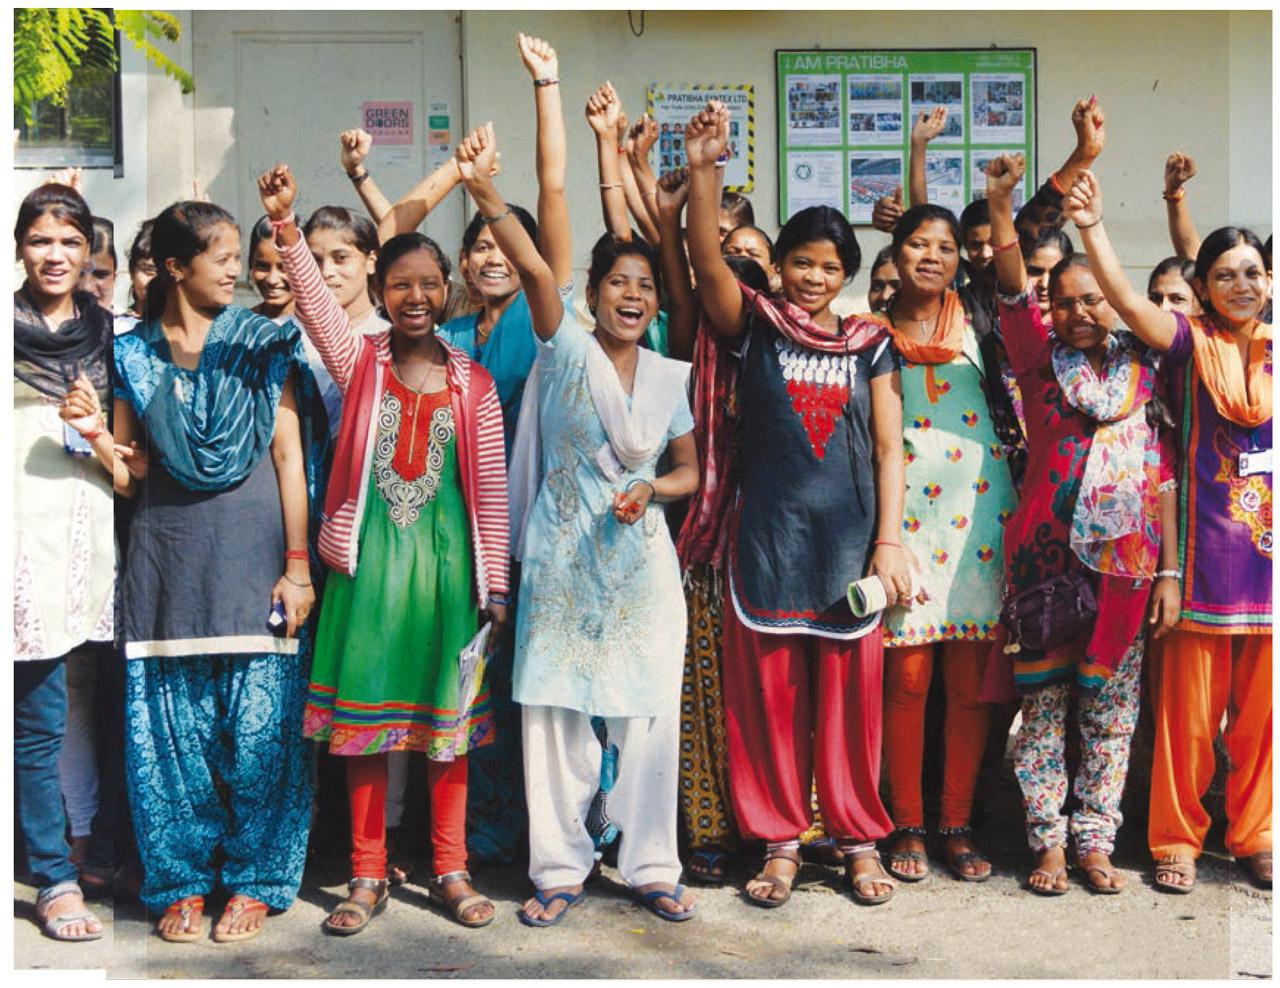 Fair Trade-Maßnahmen für die Mitarbeiter durch Krankenversicherung und Altersvorsorge gestalten das Arbeitsleben besser |©Patagonia